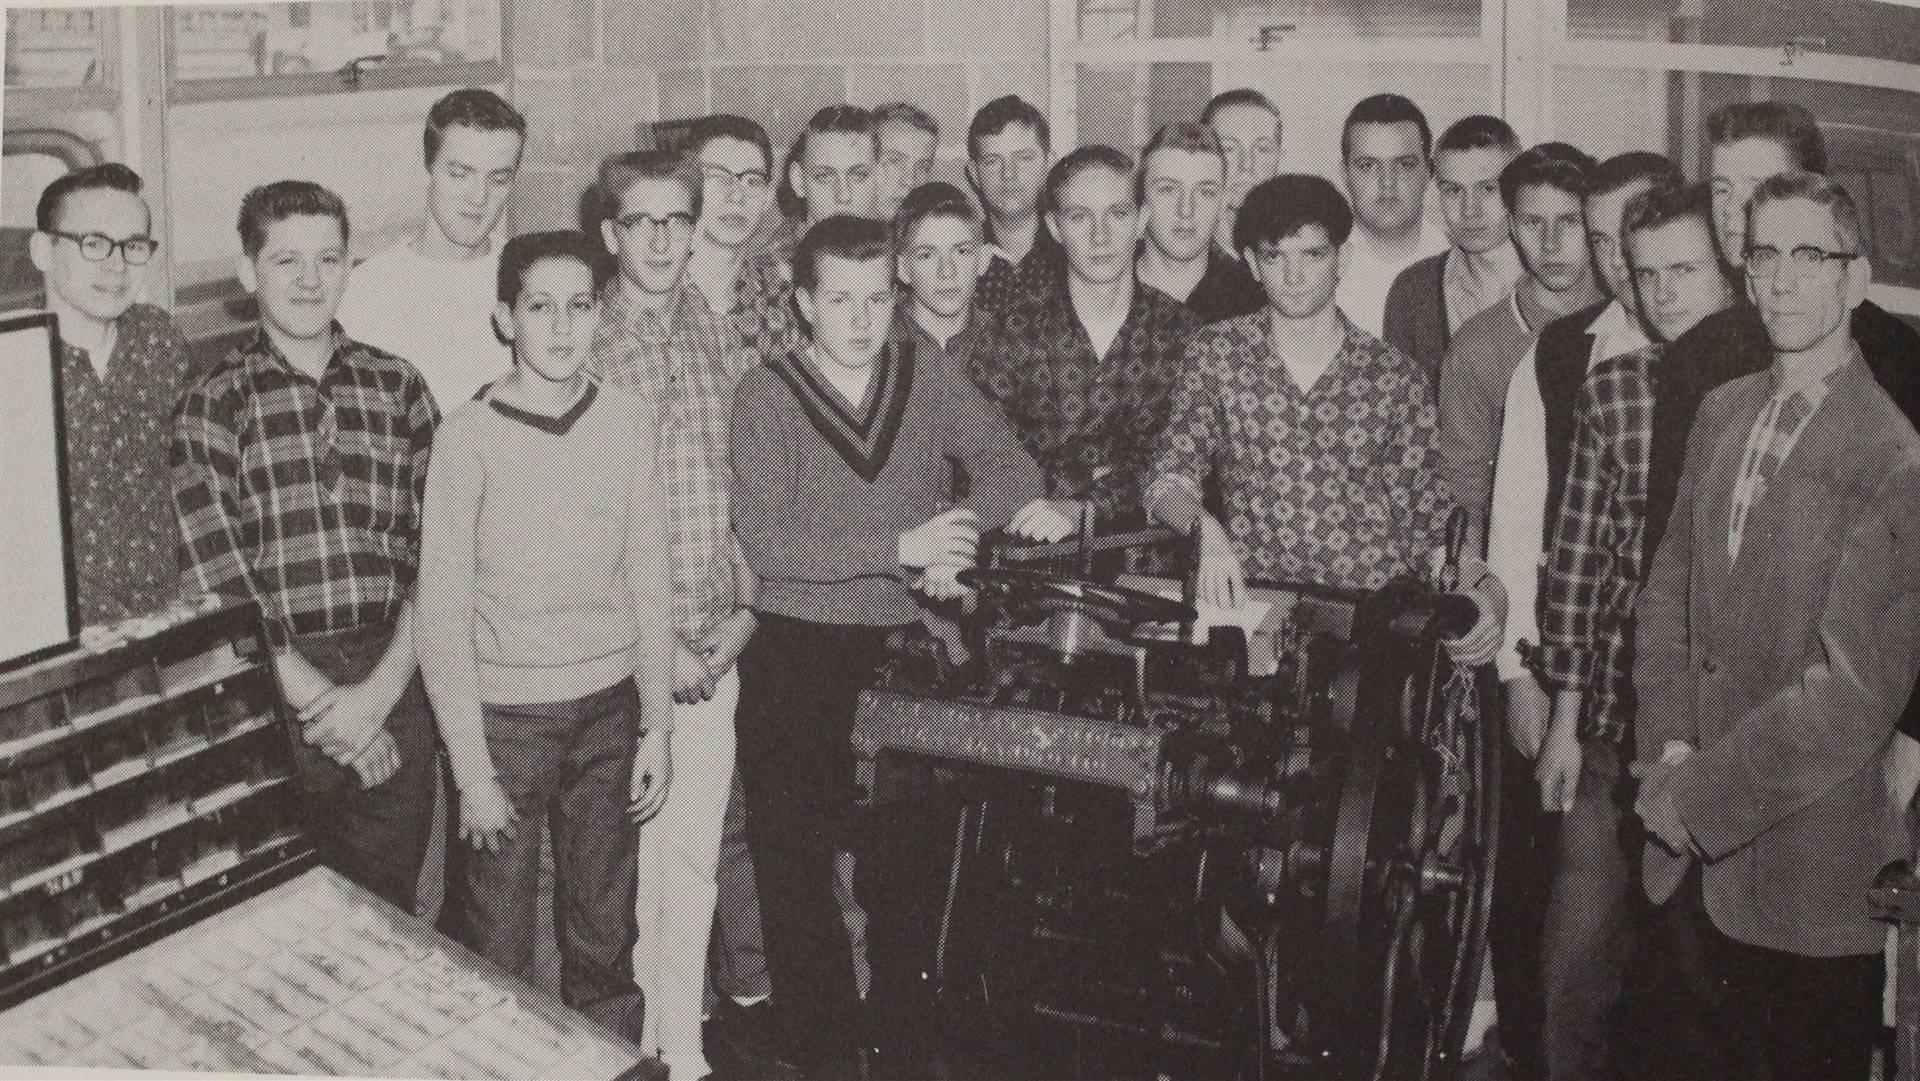 1962 Industrial Arts